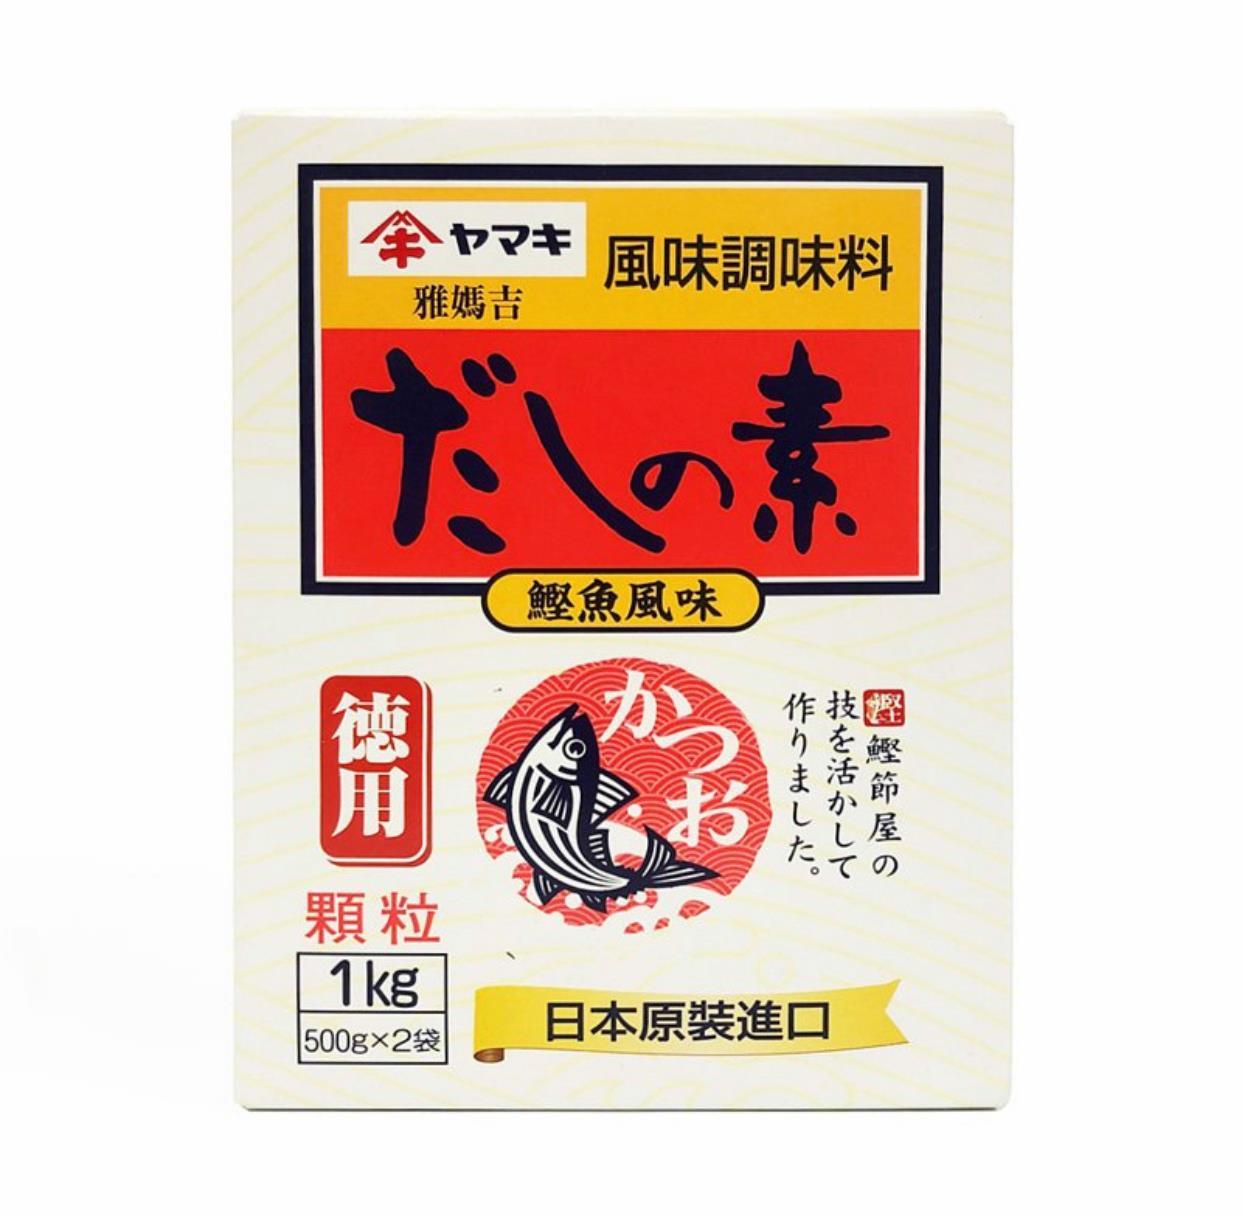 雅媽吉YAMAKI 風味調味粉鰹魚風味 1kg